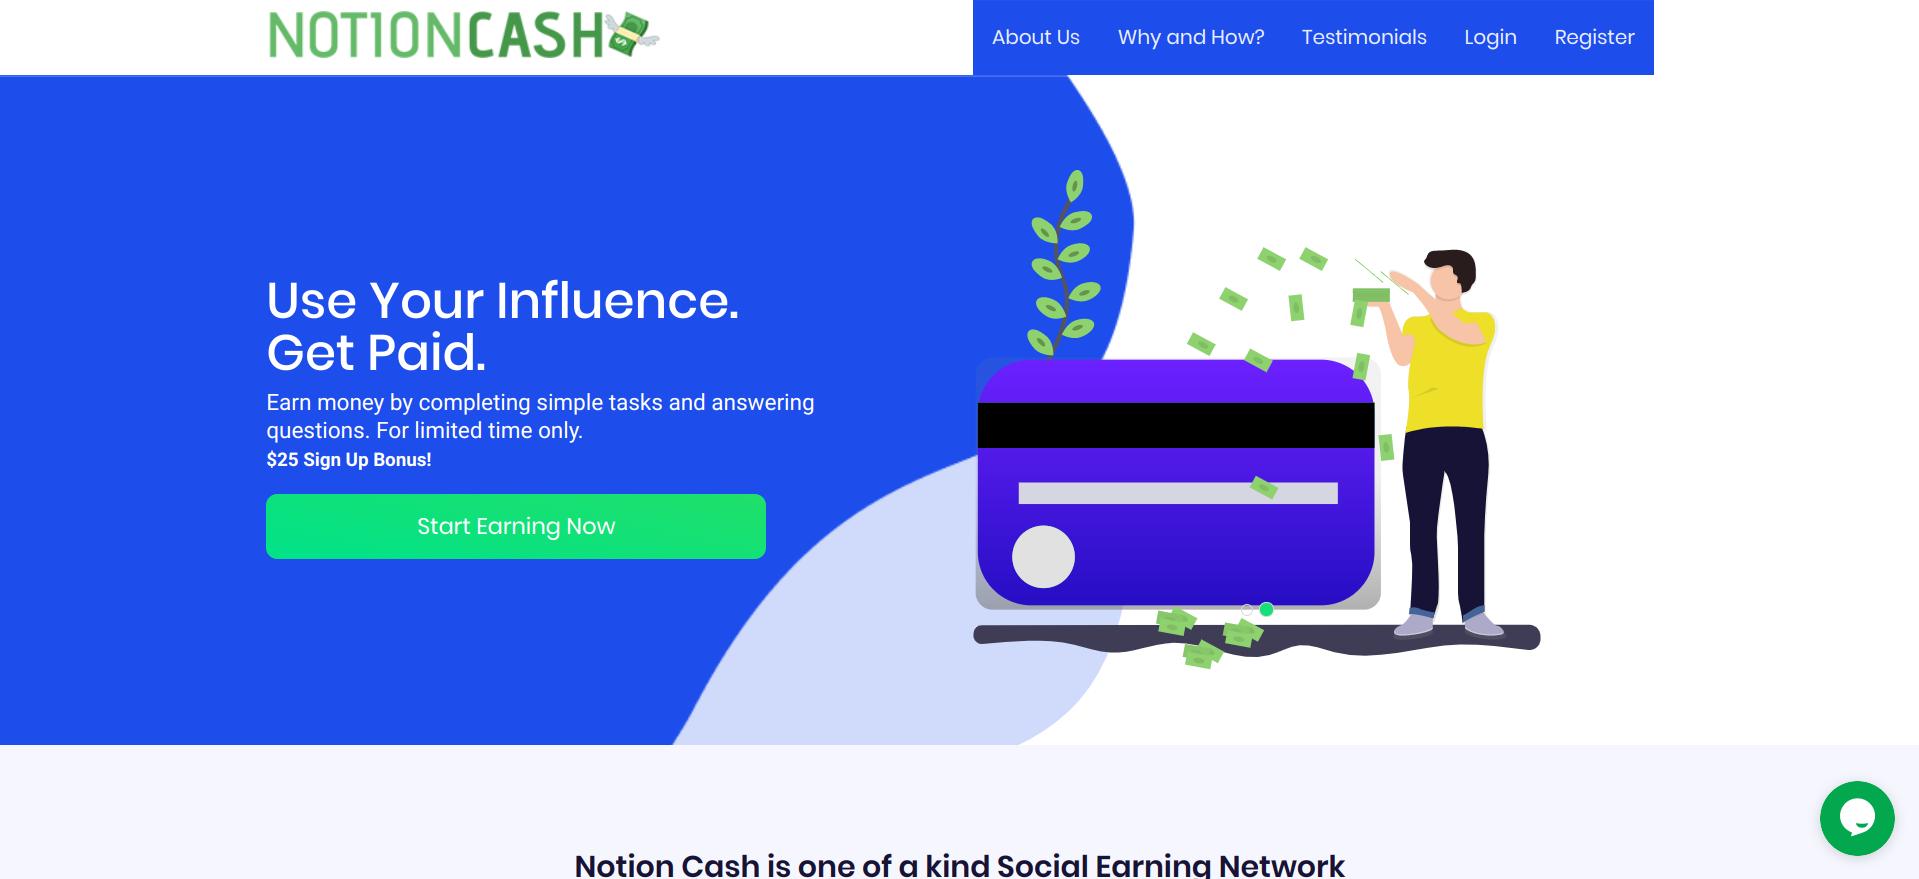 Notion Cash Scam or Legit